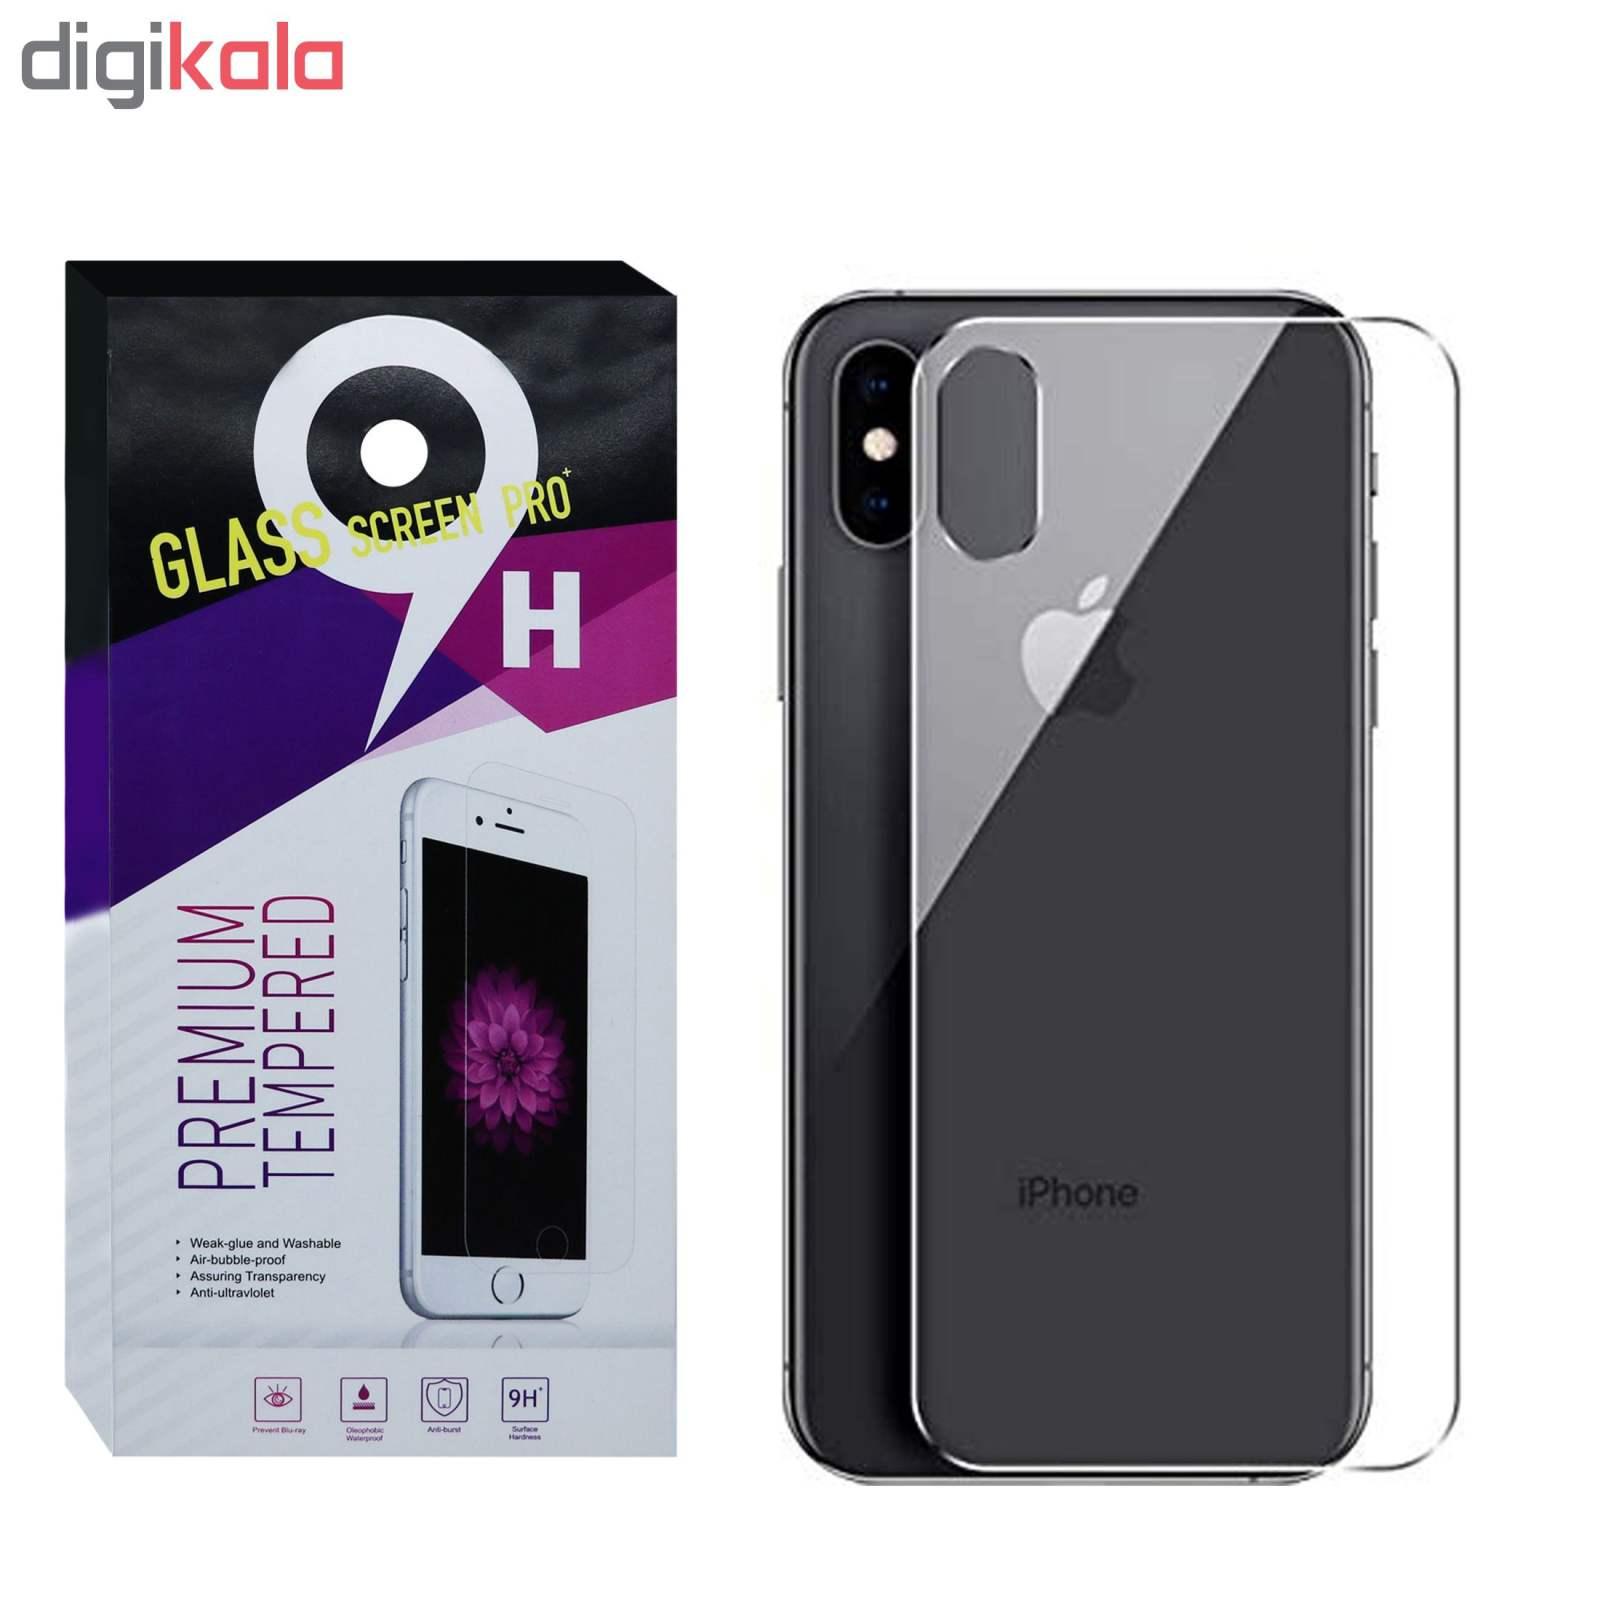 محافظ پشت گوشی مدل Fu-01 مناسب برای گوشی موبایل اپل Iphone X/Xs main 1 1